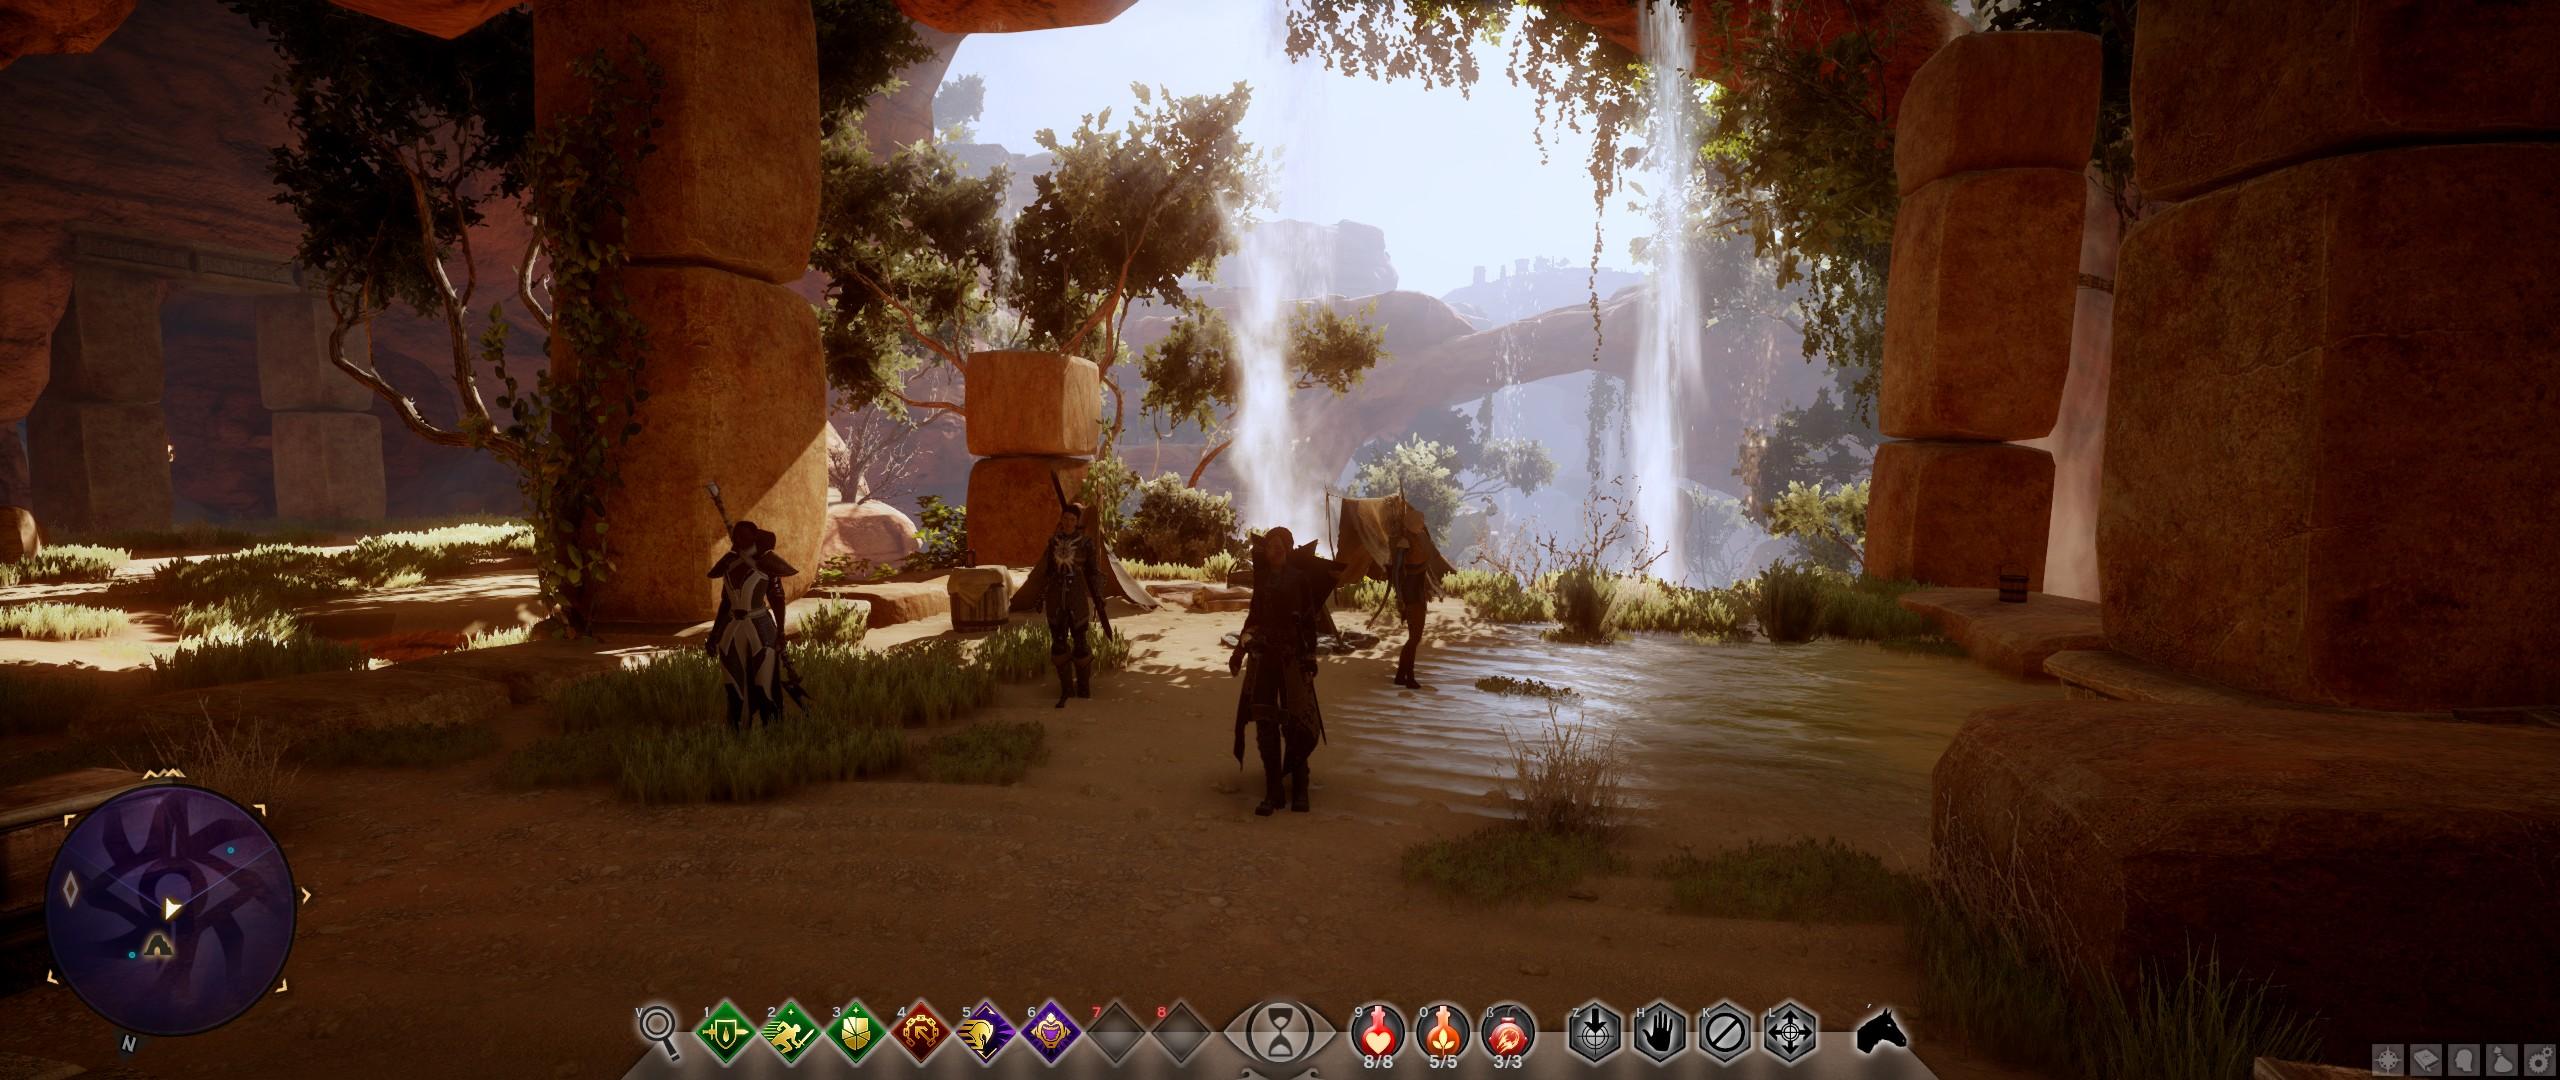 ScreenshotWin32_0038_Final